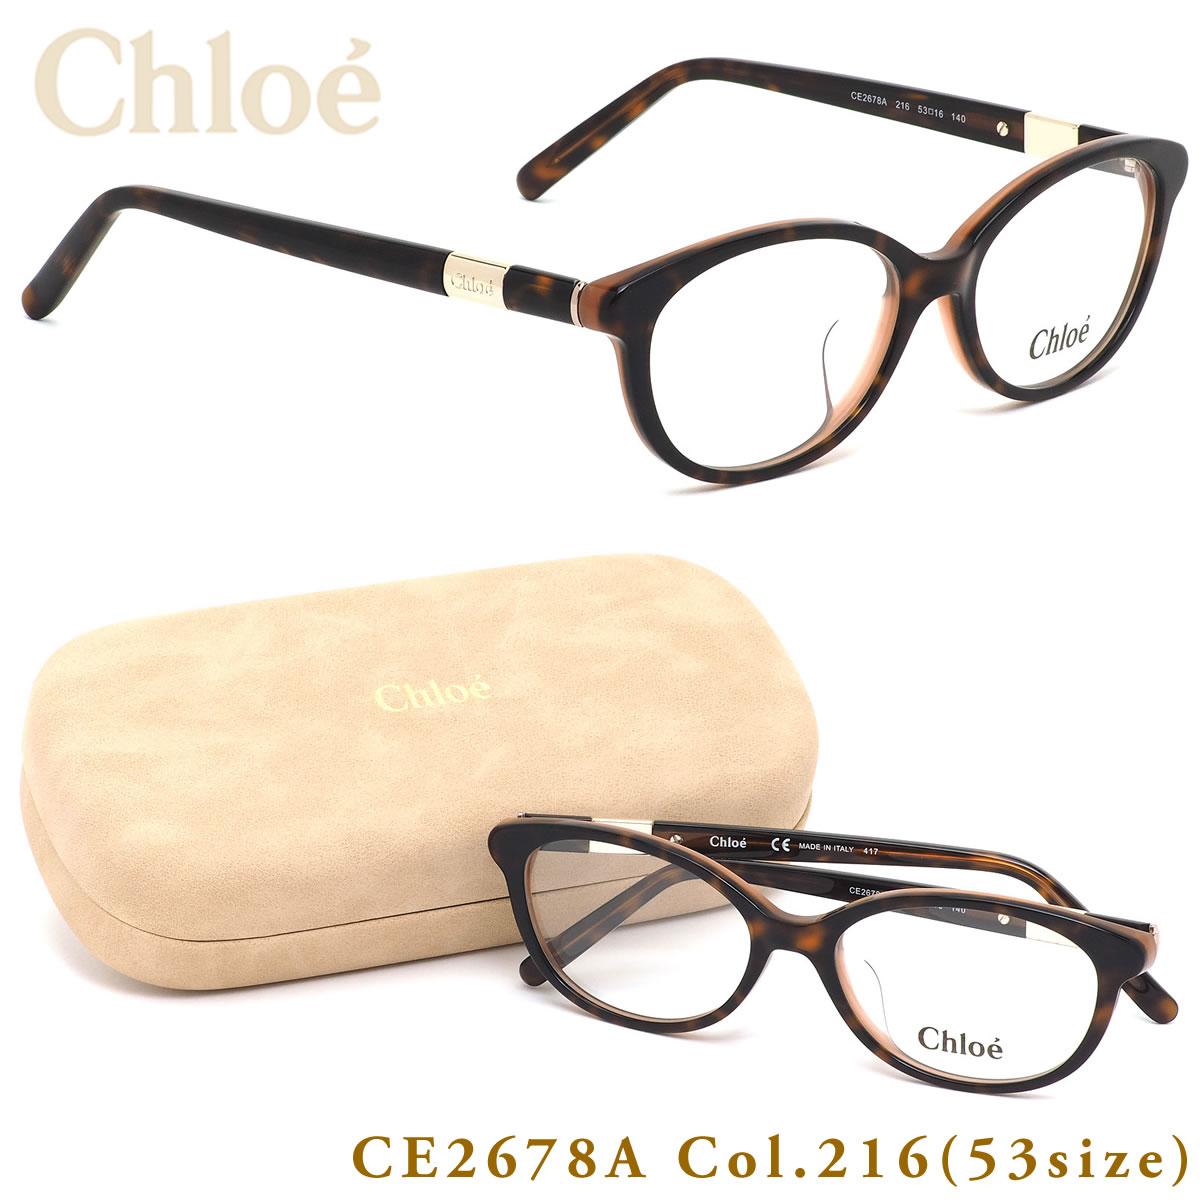 【10月30日からエントリーで全品ポイント20倍】クロエ Chloe メガネCE2678A 216 53サイズオーバル キャッツアイ トータス べっ甲 メンズ レディース